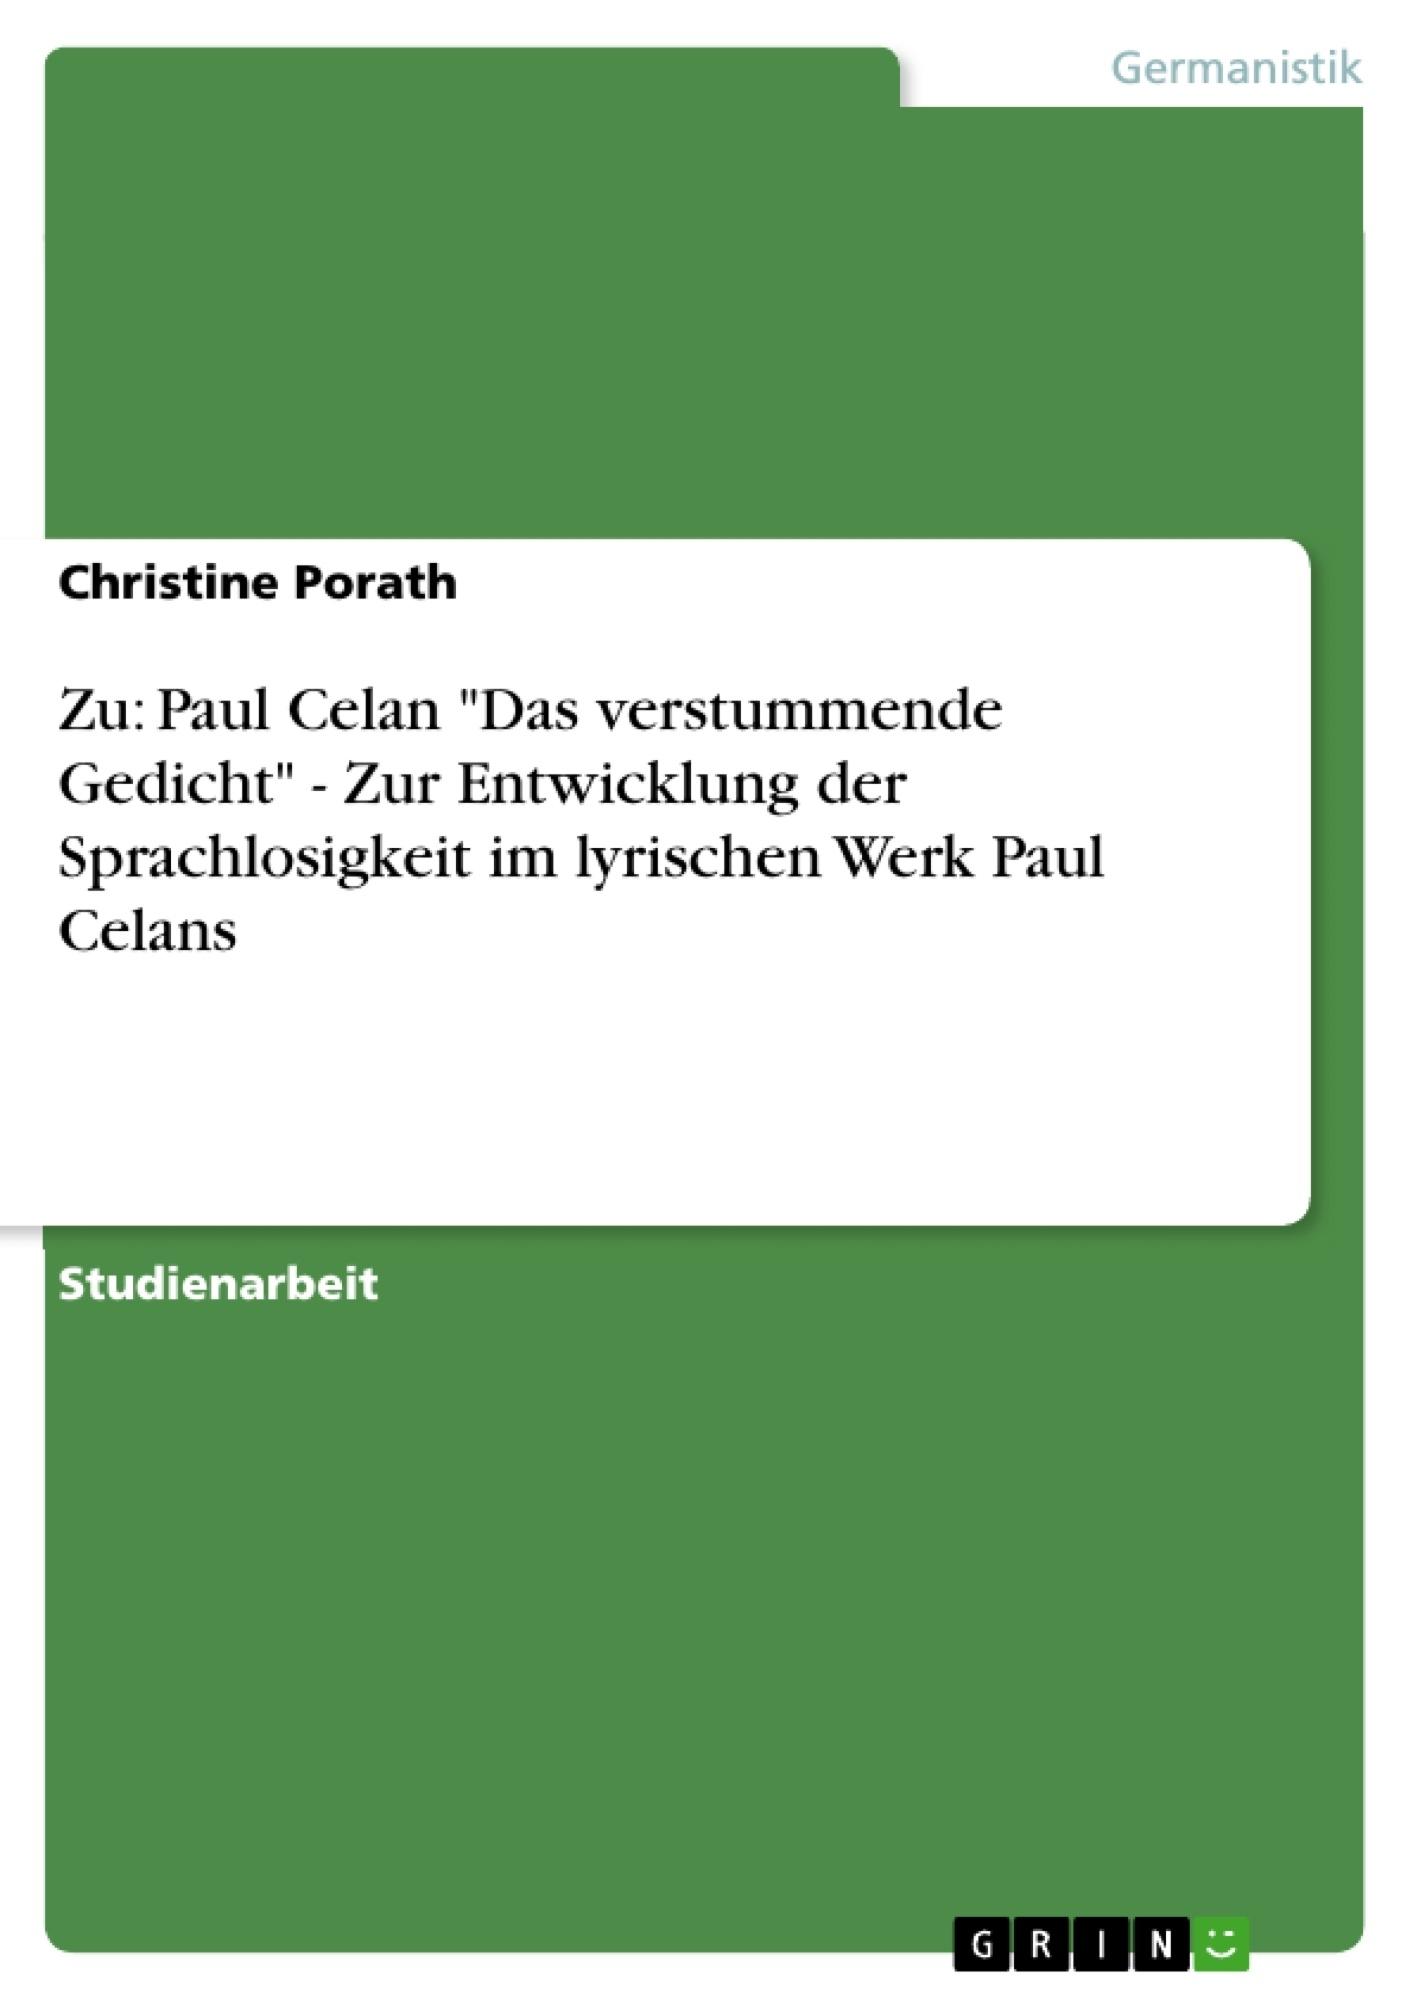 """Titel: Zu: Paul Celan """"Das verstummende Gedicht"""" - Zur Entwicklung der Sprachlosigkeit im lyrischen Werk Paul Celans"""